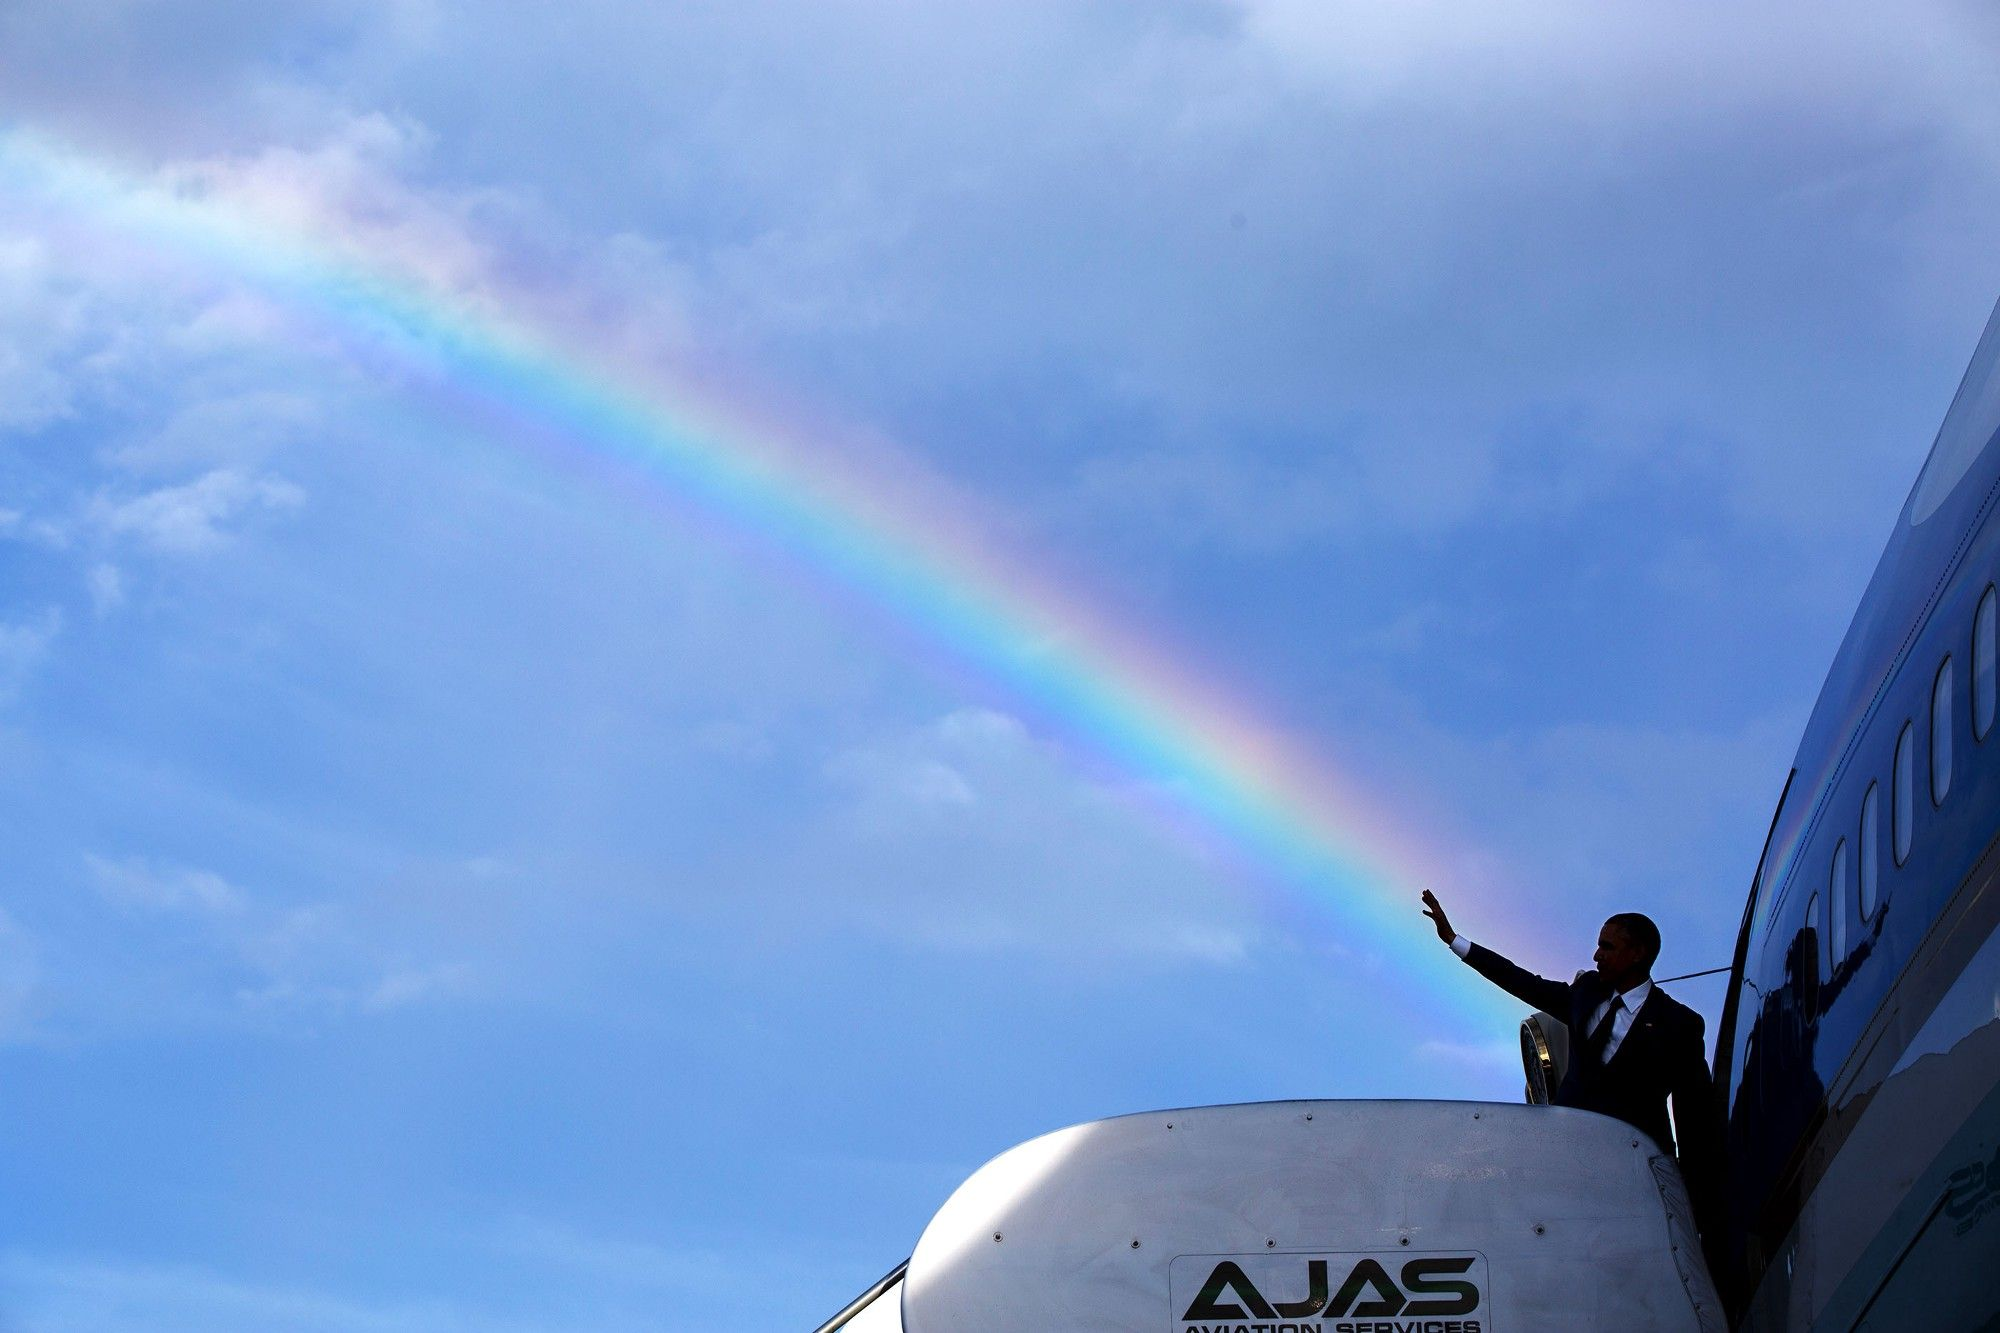 Detrás de la cámara: 2015 Año de Fotografías - La Casa Blanca - Medium